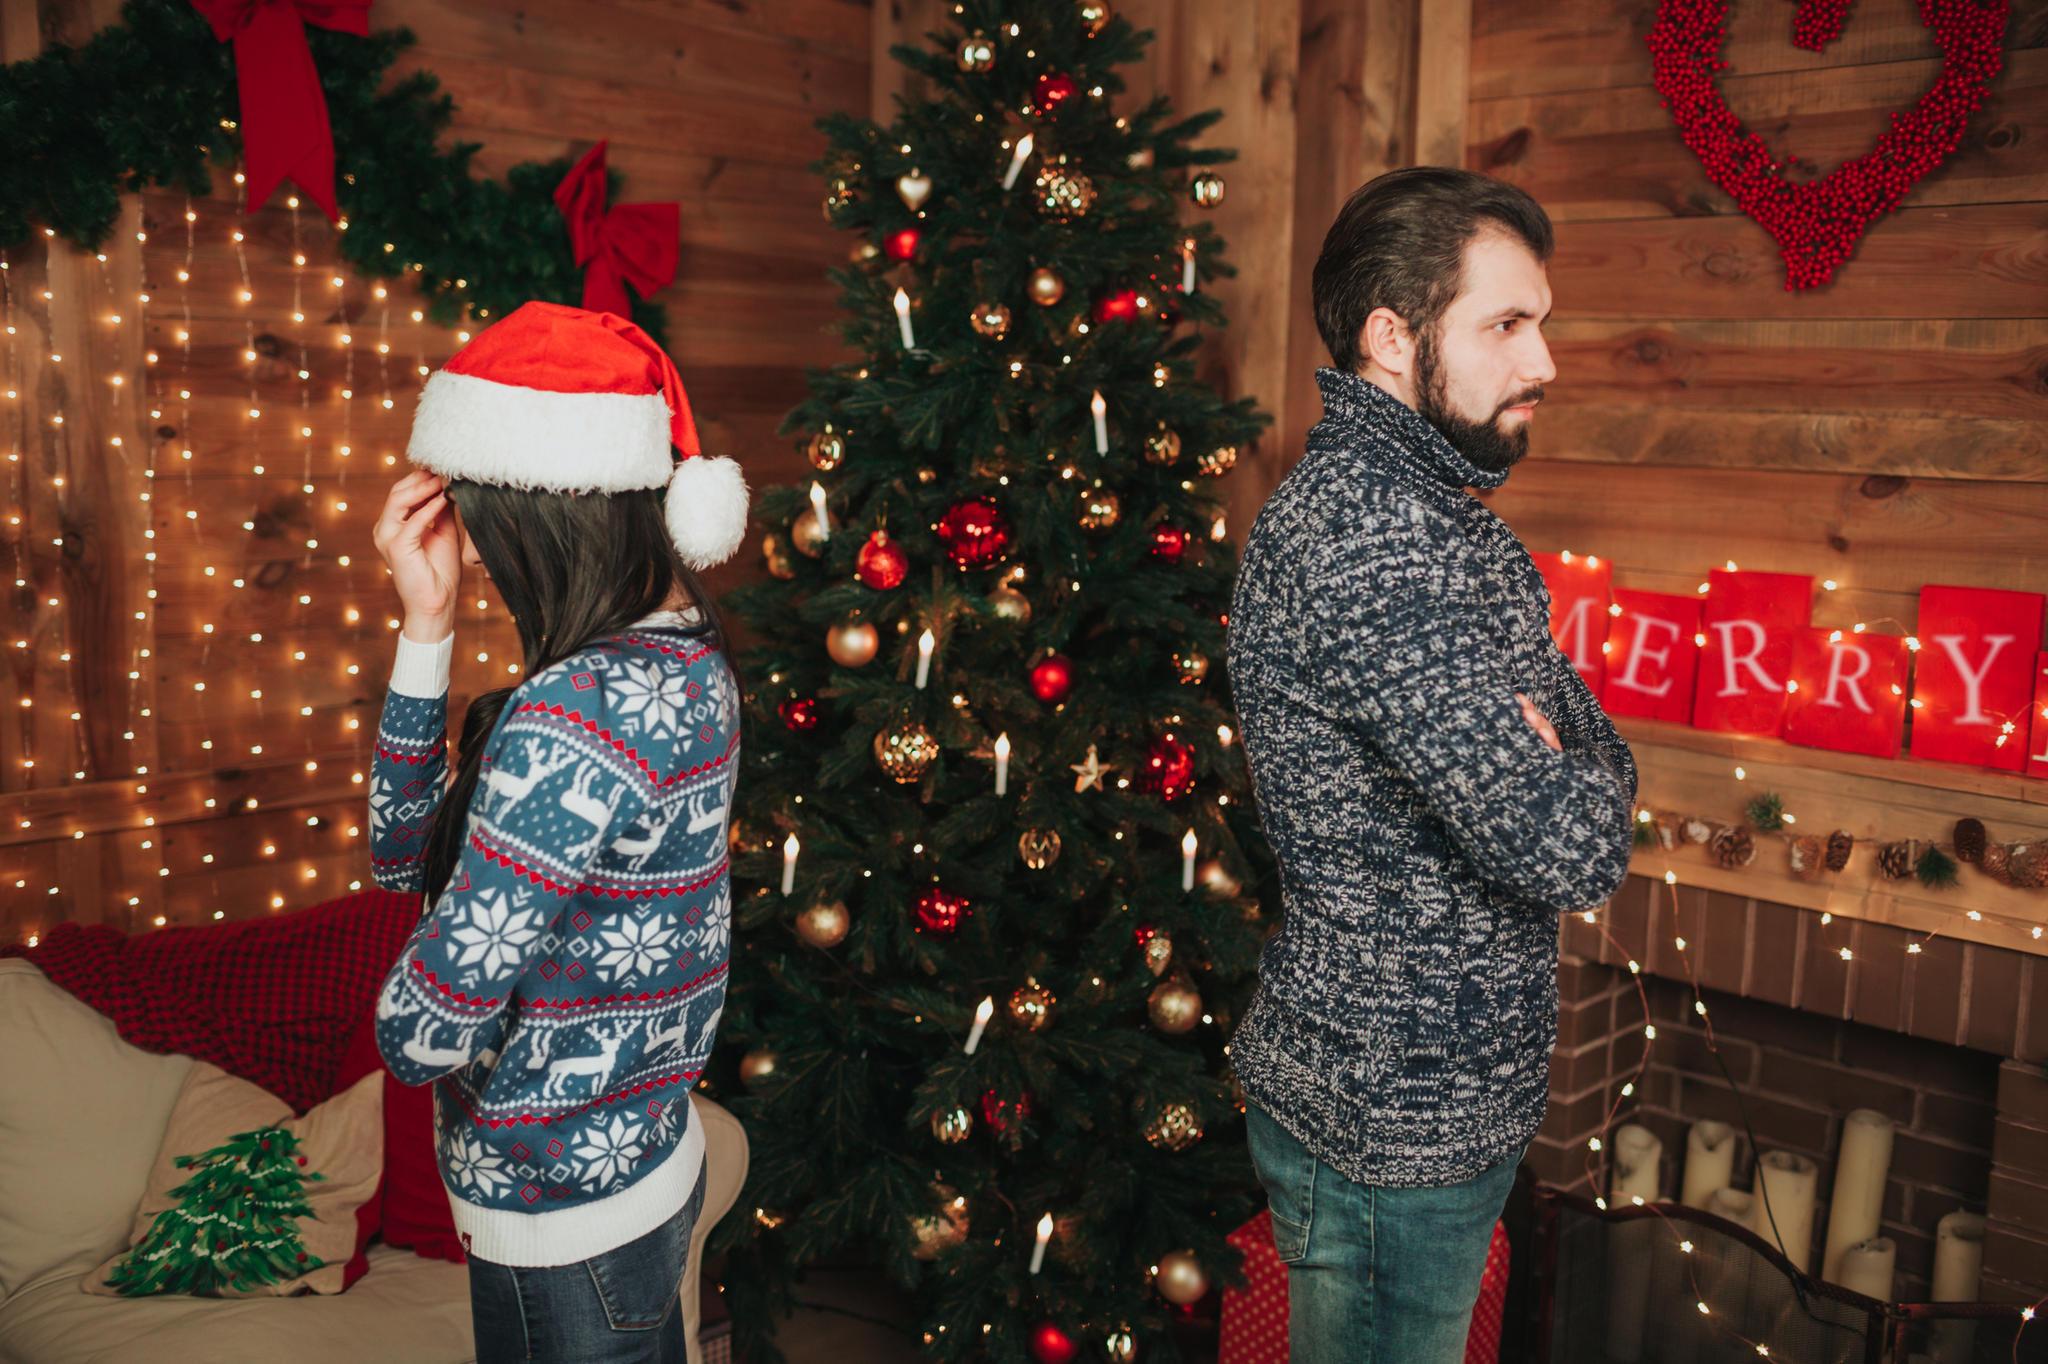 Streit zu Weihnachten: Deshalb zoffen Paare | BRIGITTE.de